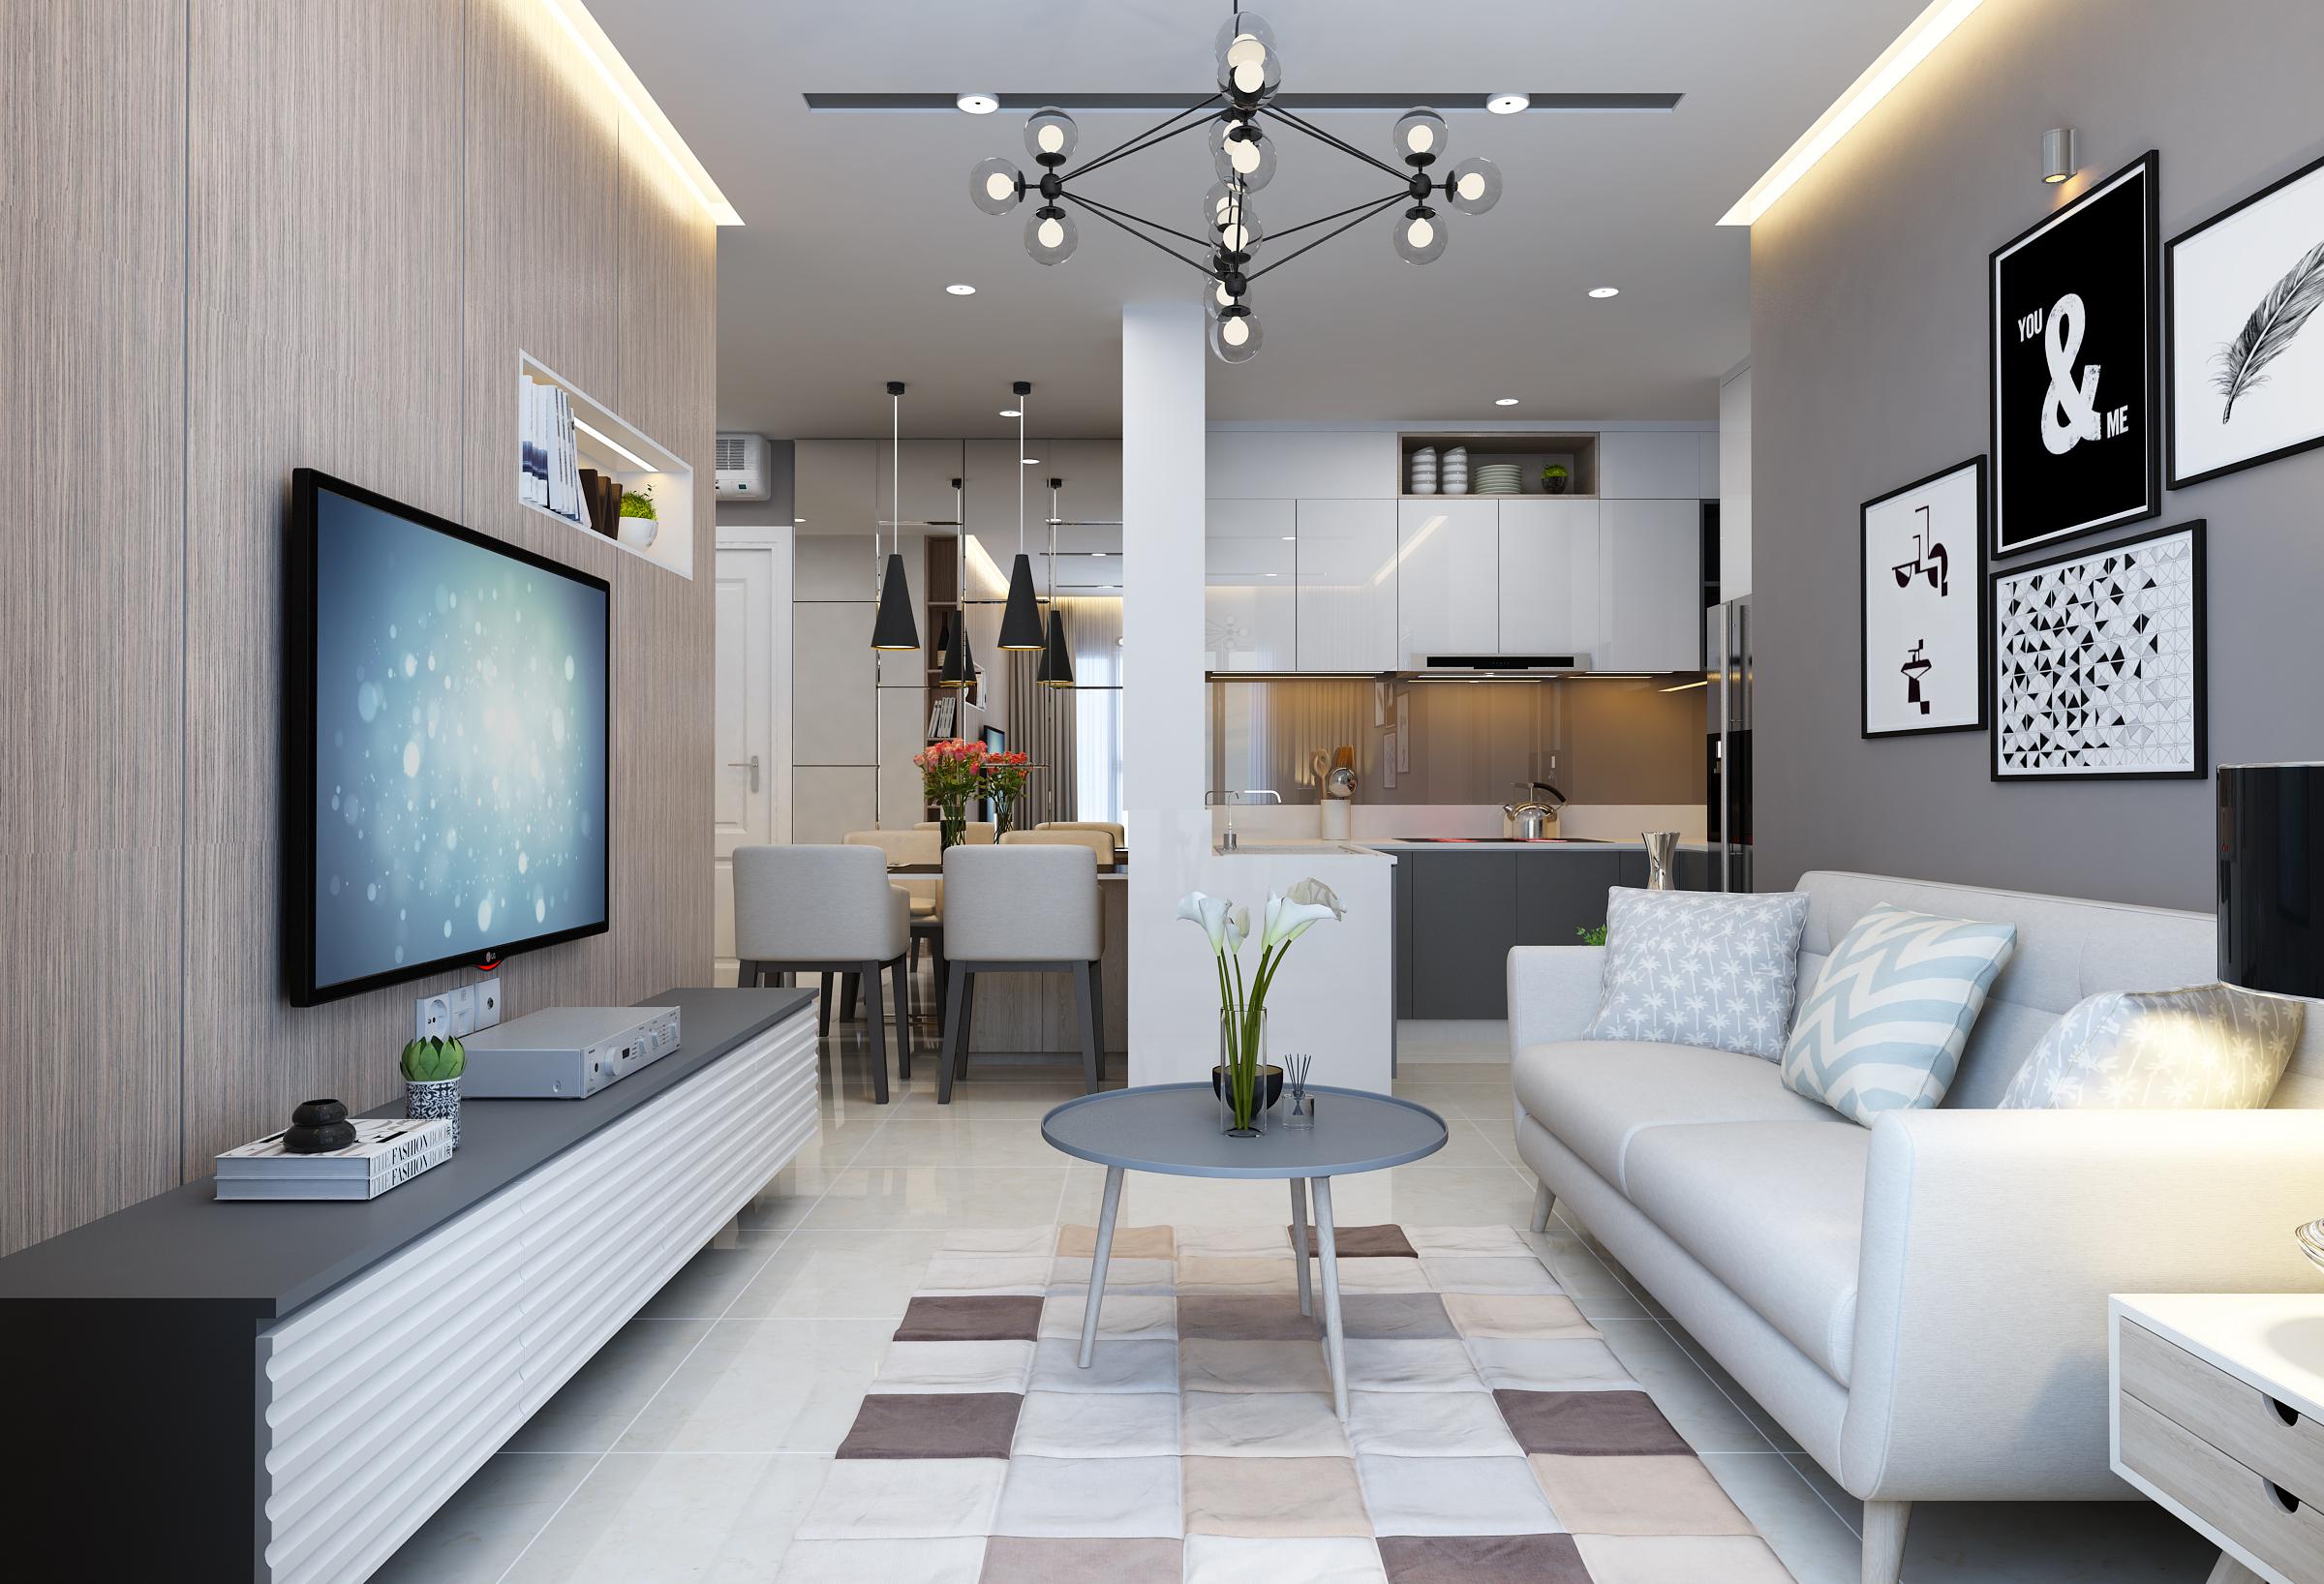 Thiết Kế Nội Thất Nam Phú - Thiết kế nội thất | Thi công nội thất | Thiết  Kế Nội Thất Nam Phú